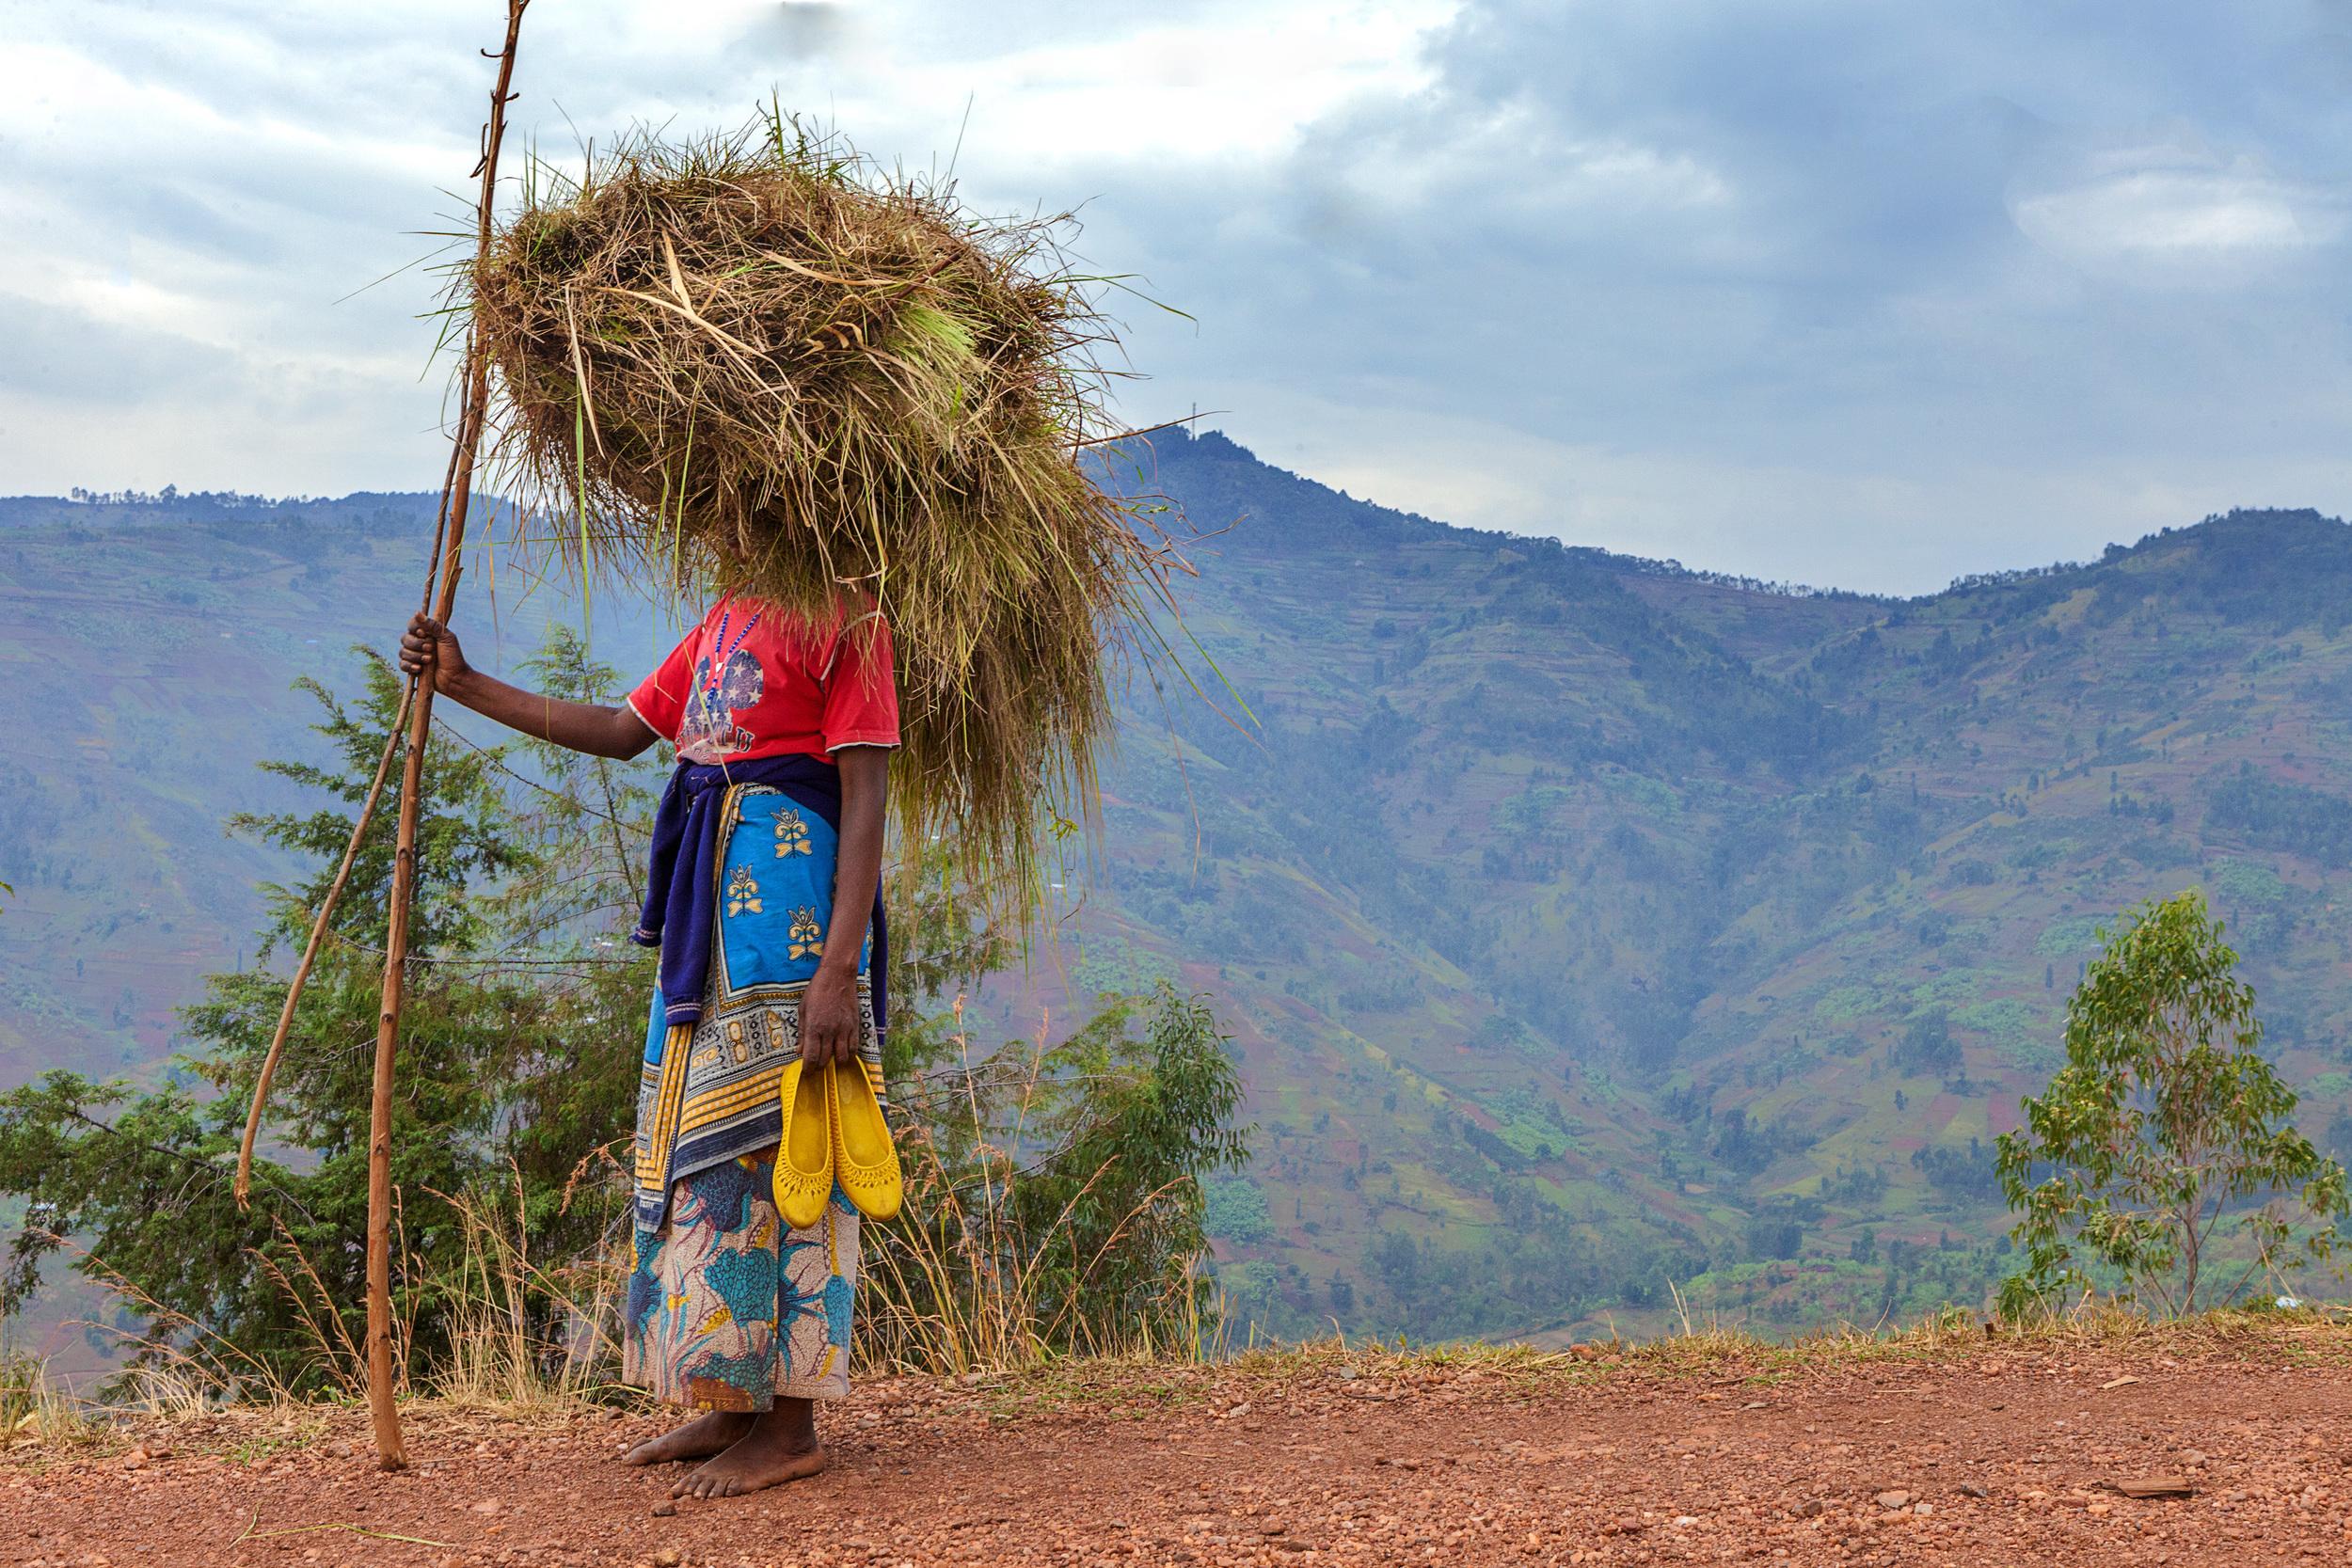 COFFE BEANS: THE RWANDAN FARMERS